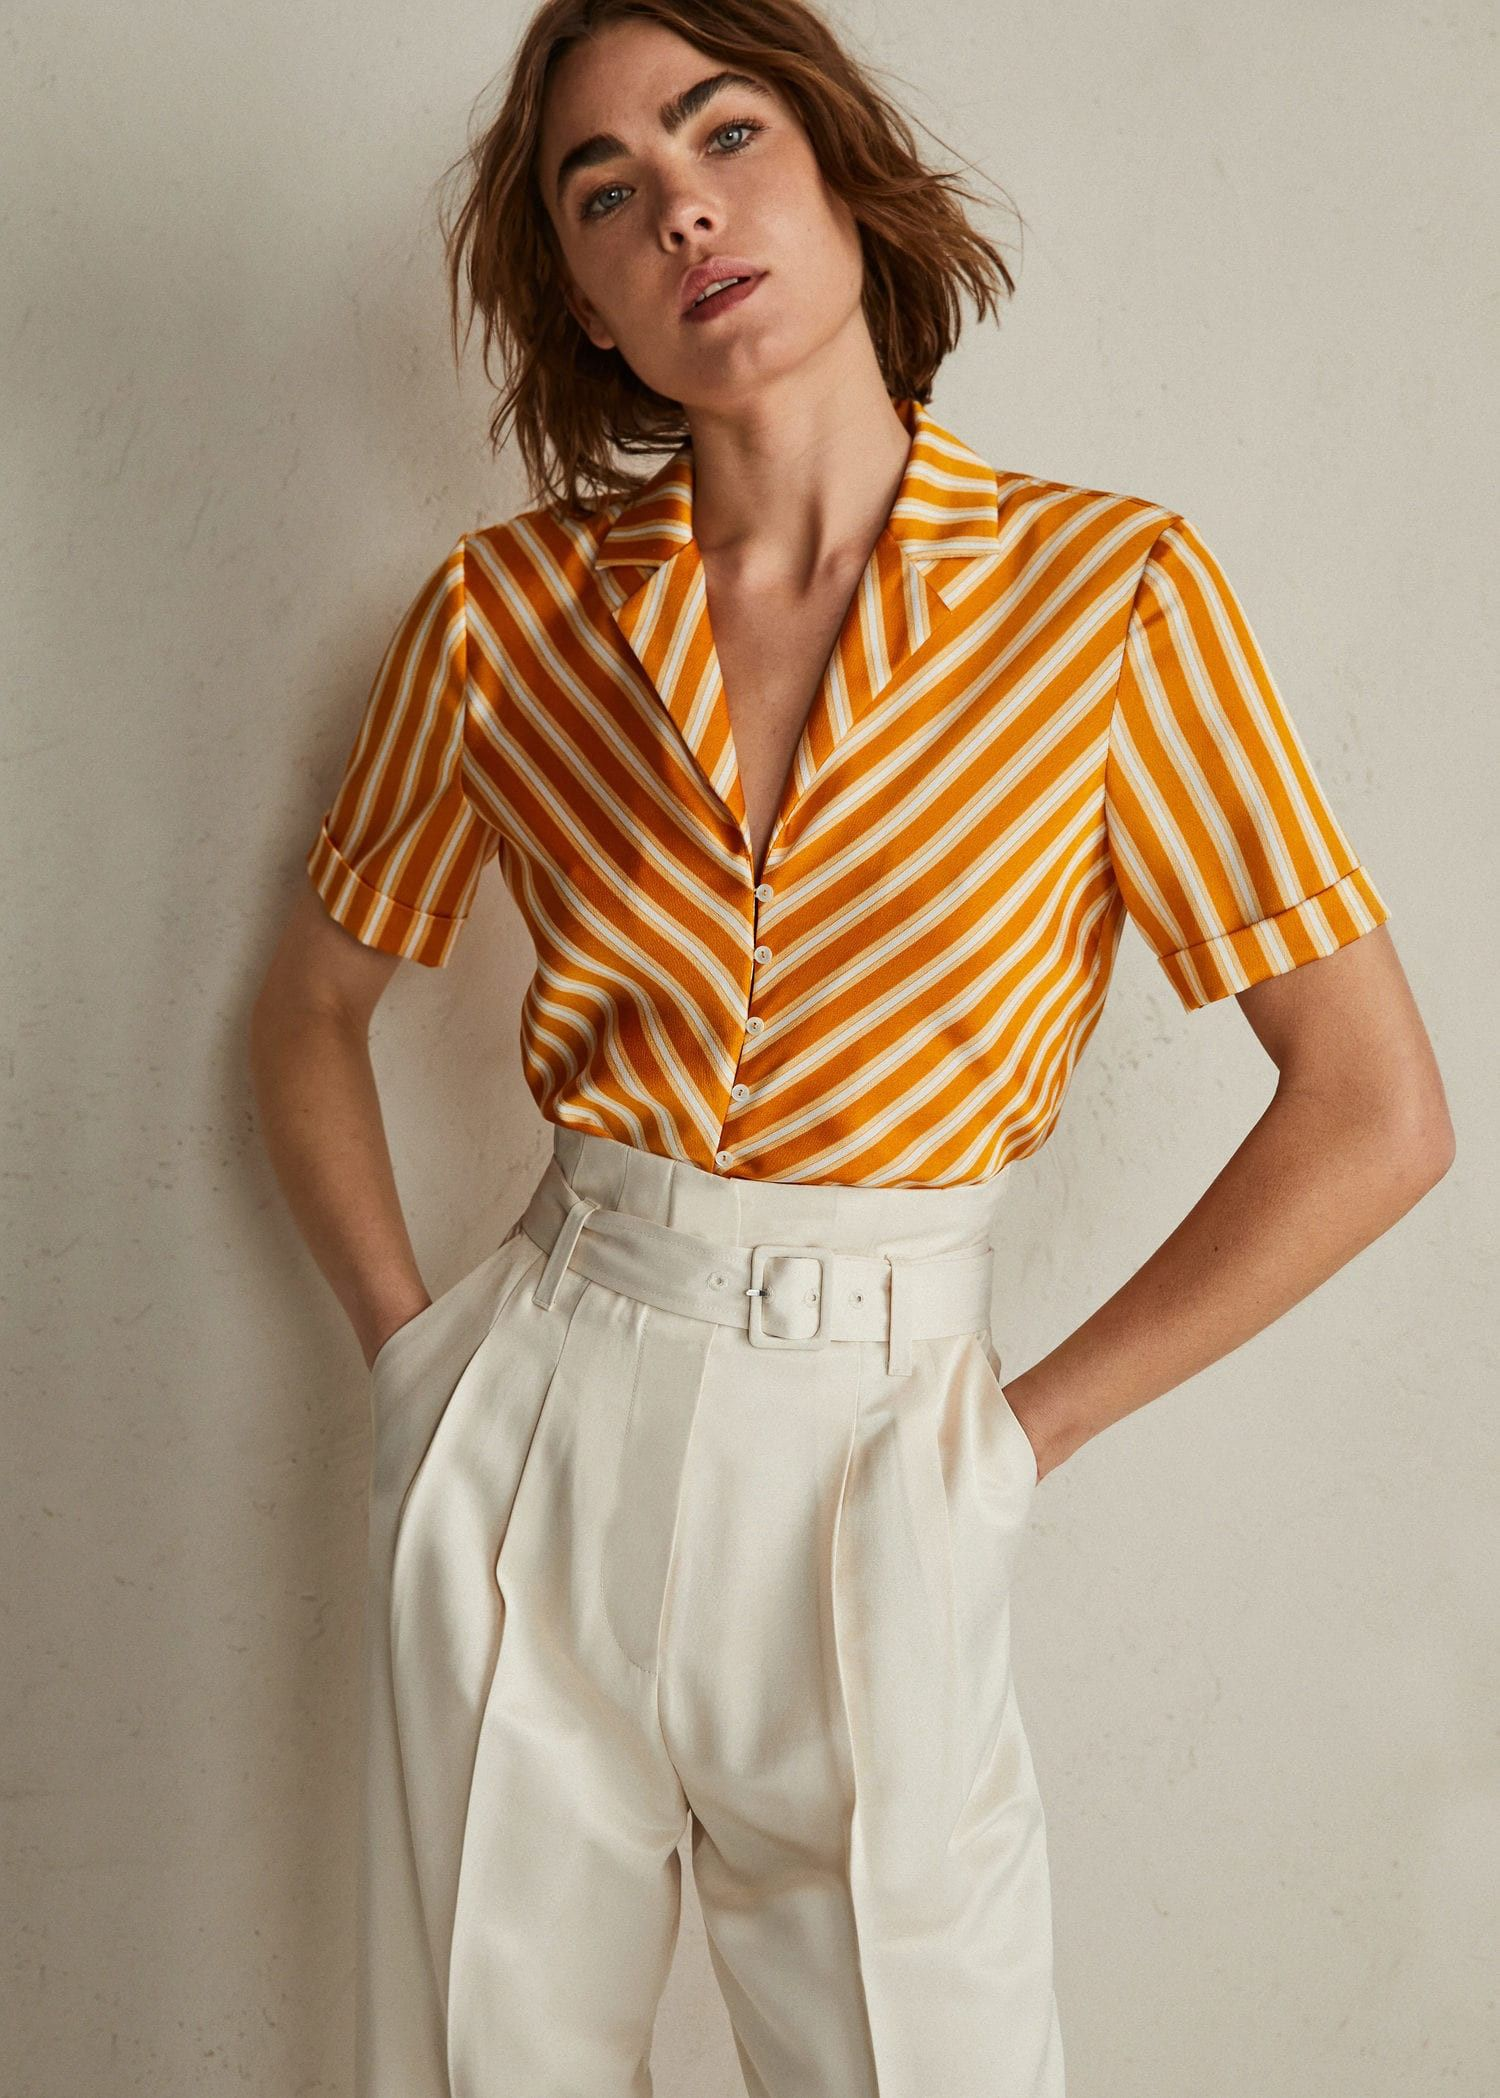 caa2b0ff125ba2 Mango Knot Detail Flowy Blouse - Women   6   Taste in fashion ...